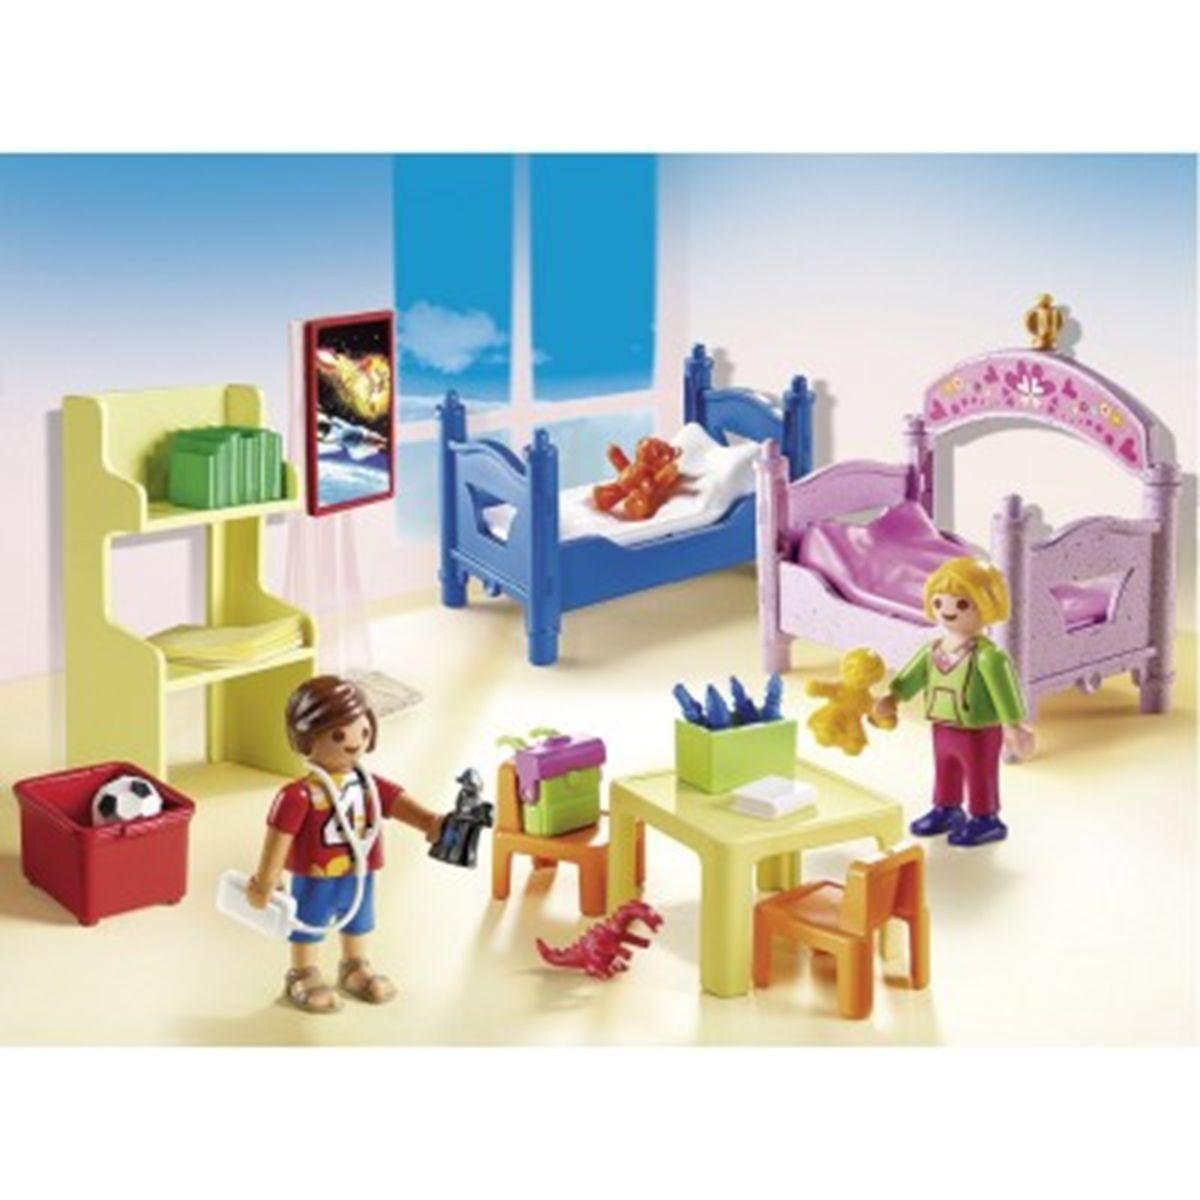 D'enfants 5306 Chambre Dollhouse Lits Playmobil Avec Superposés OilXZukwPT